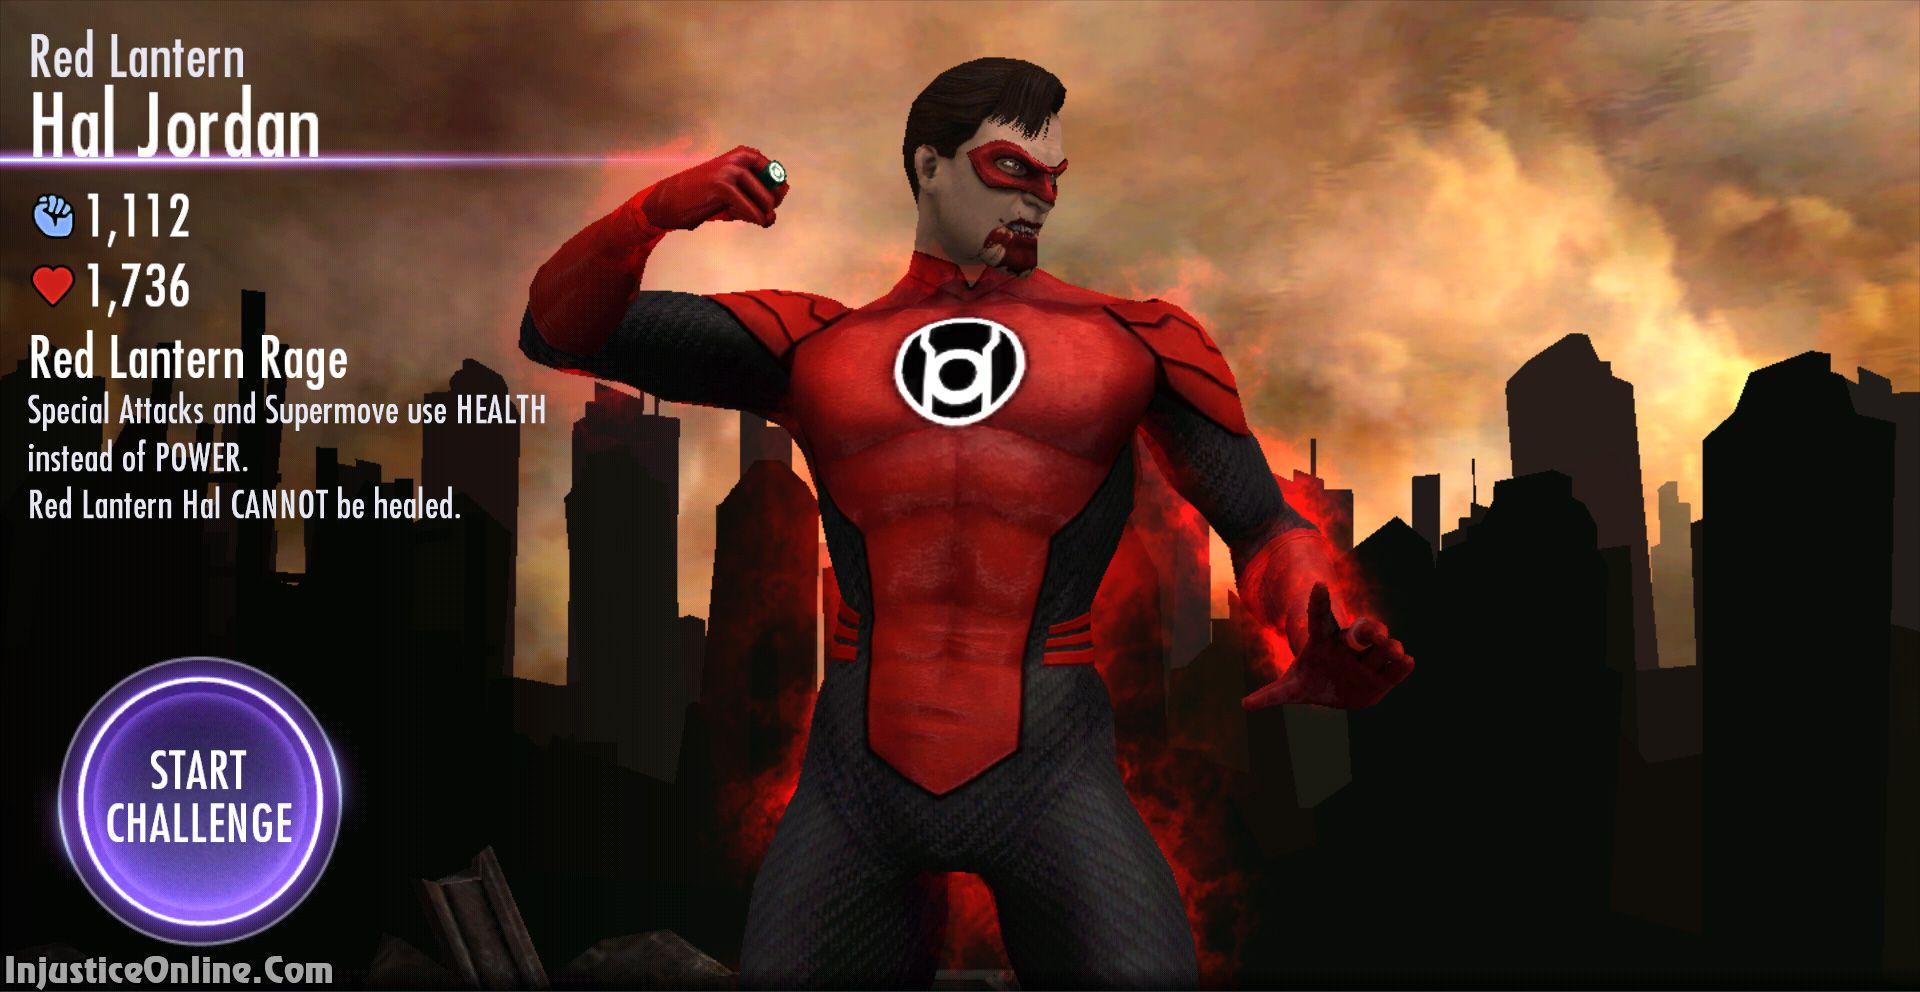 Injustice Gods Among Us Mobile Red Lantern Challenge Screenshot Red Lantern Green Lantern Hal Jordan Injustice